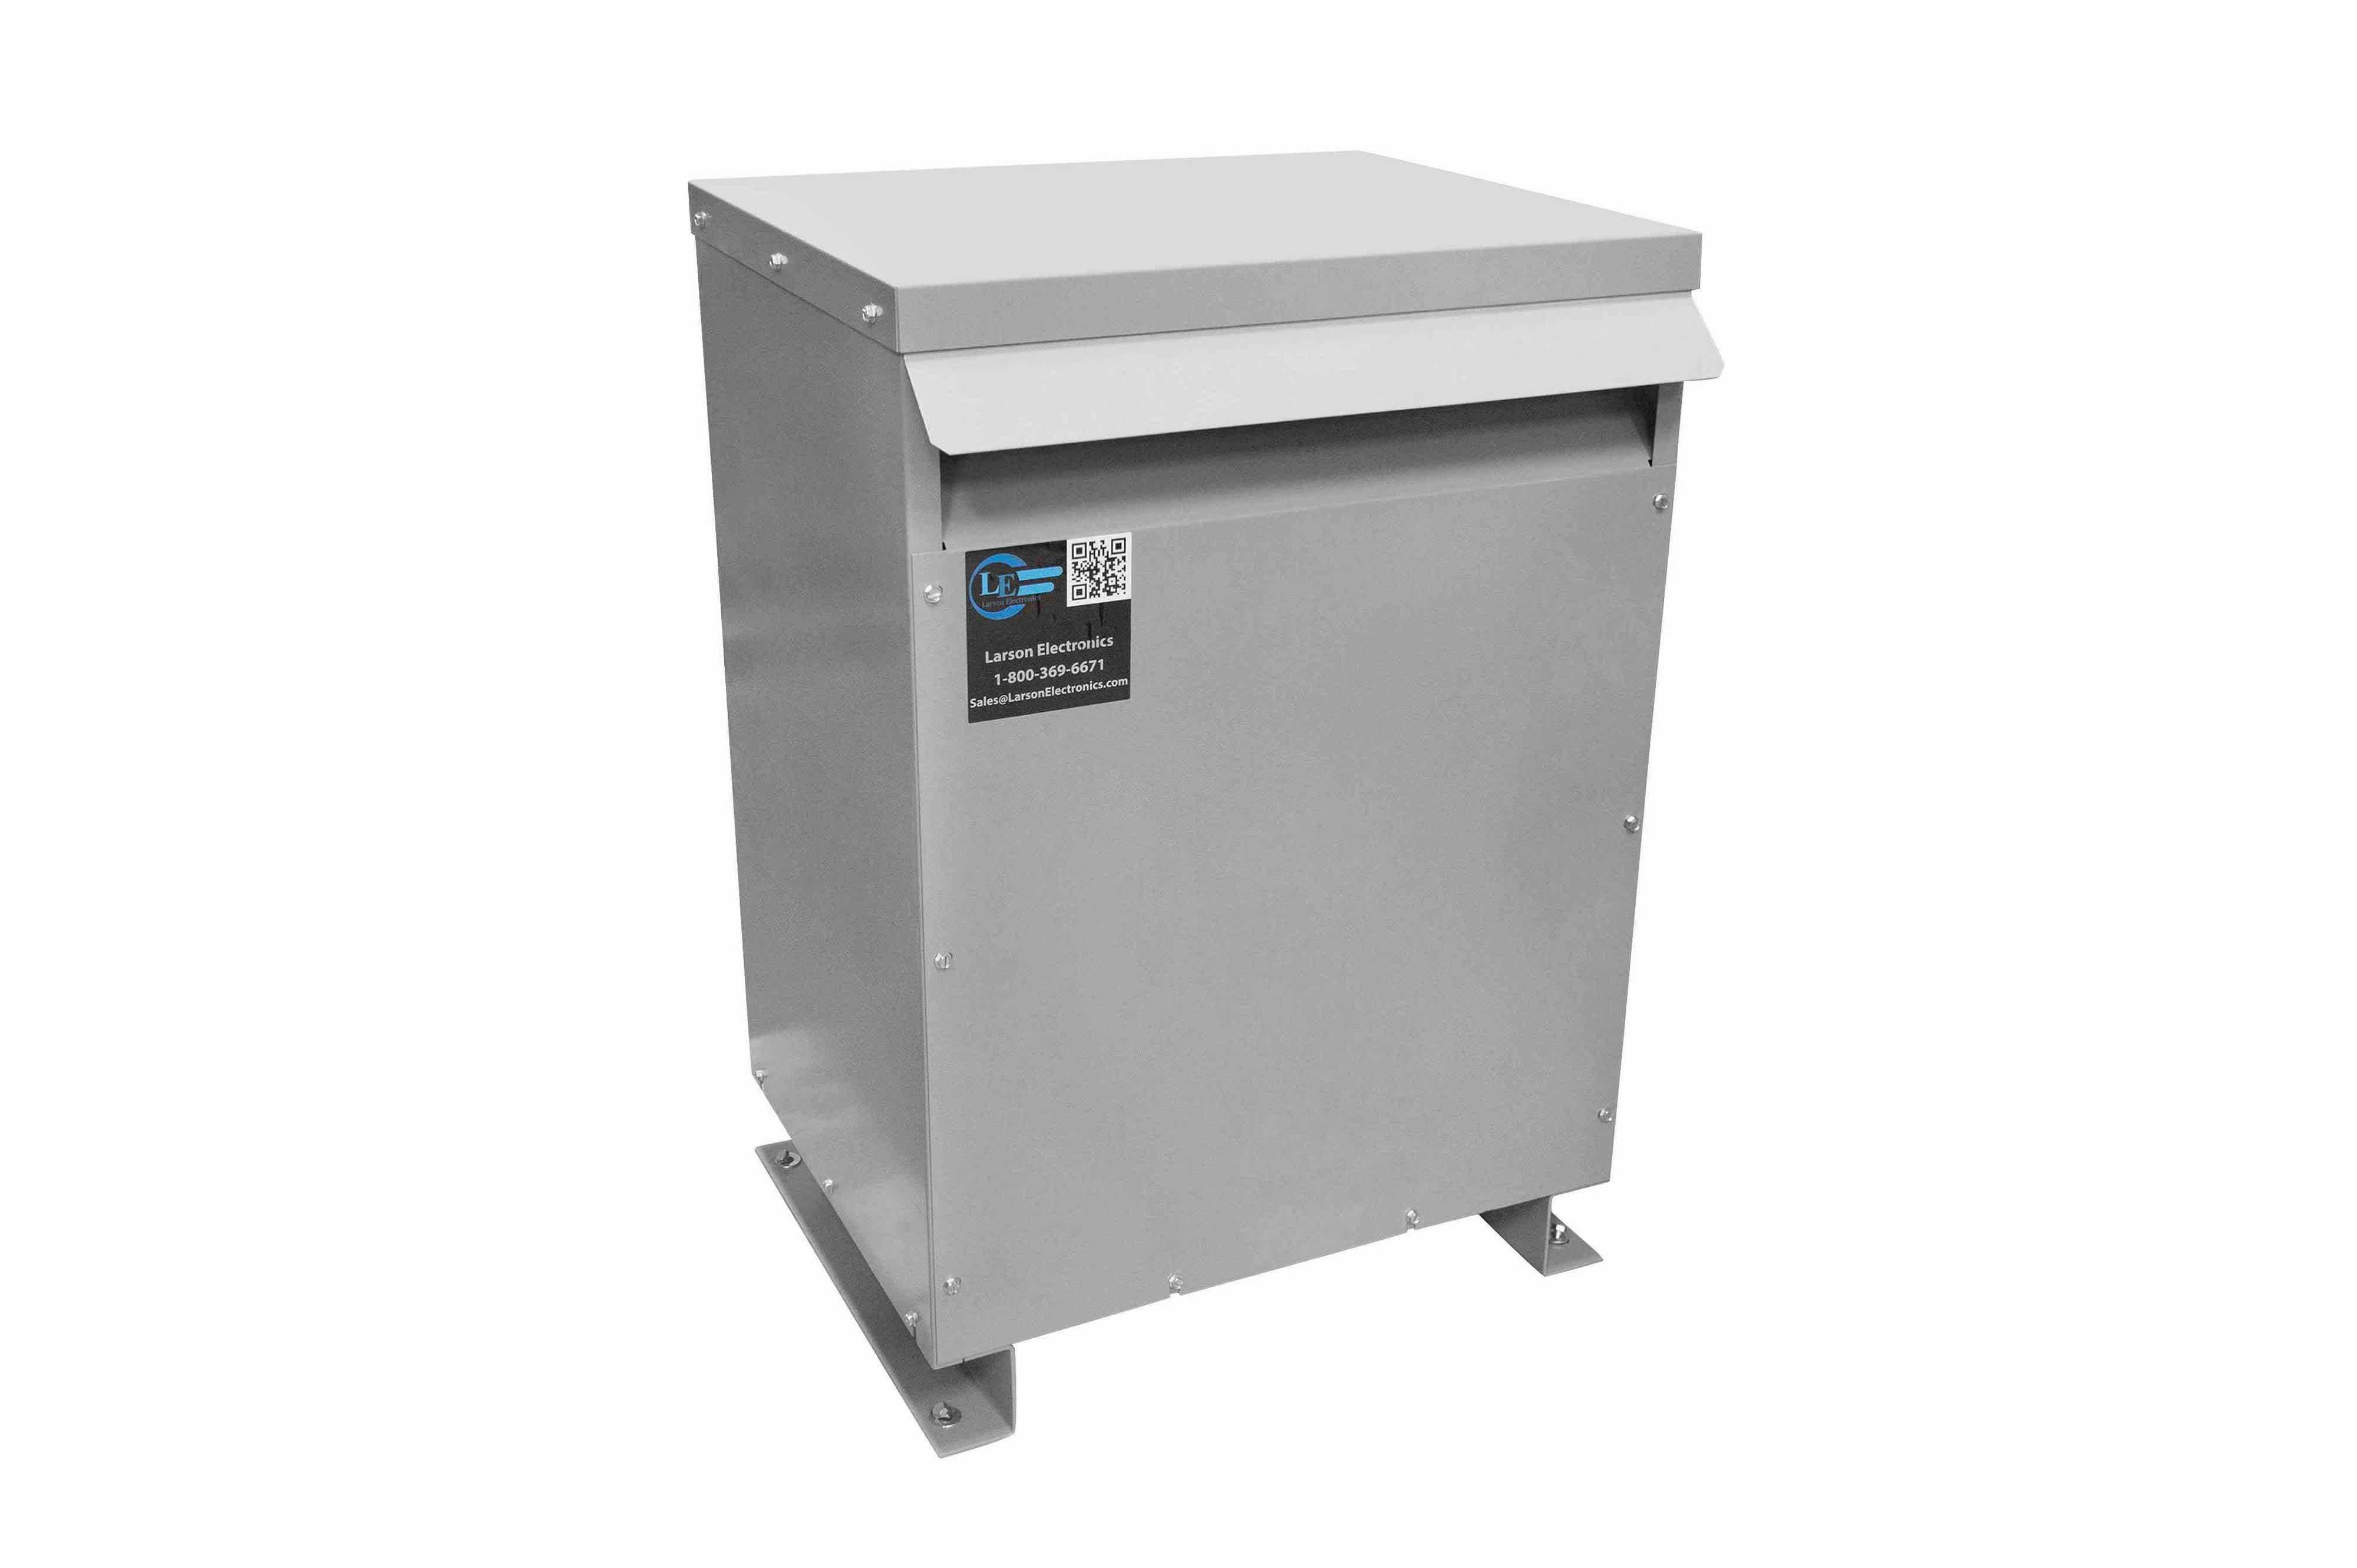 13 kVA 3PH Isolation Transformer, 400V Delta Primary, 480V Delta Secondary, N3R, Ventilated, 60 Hz